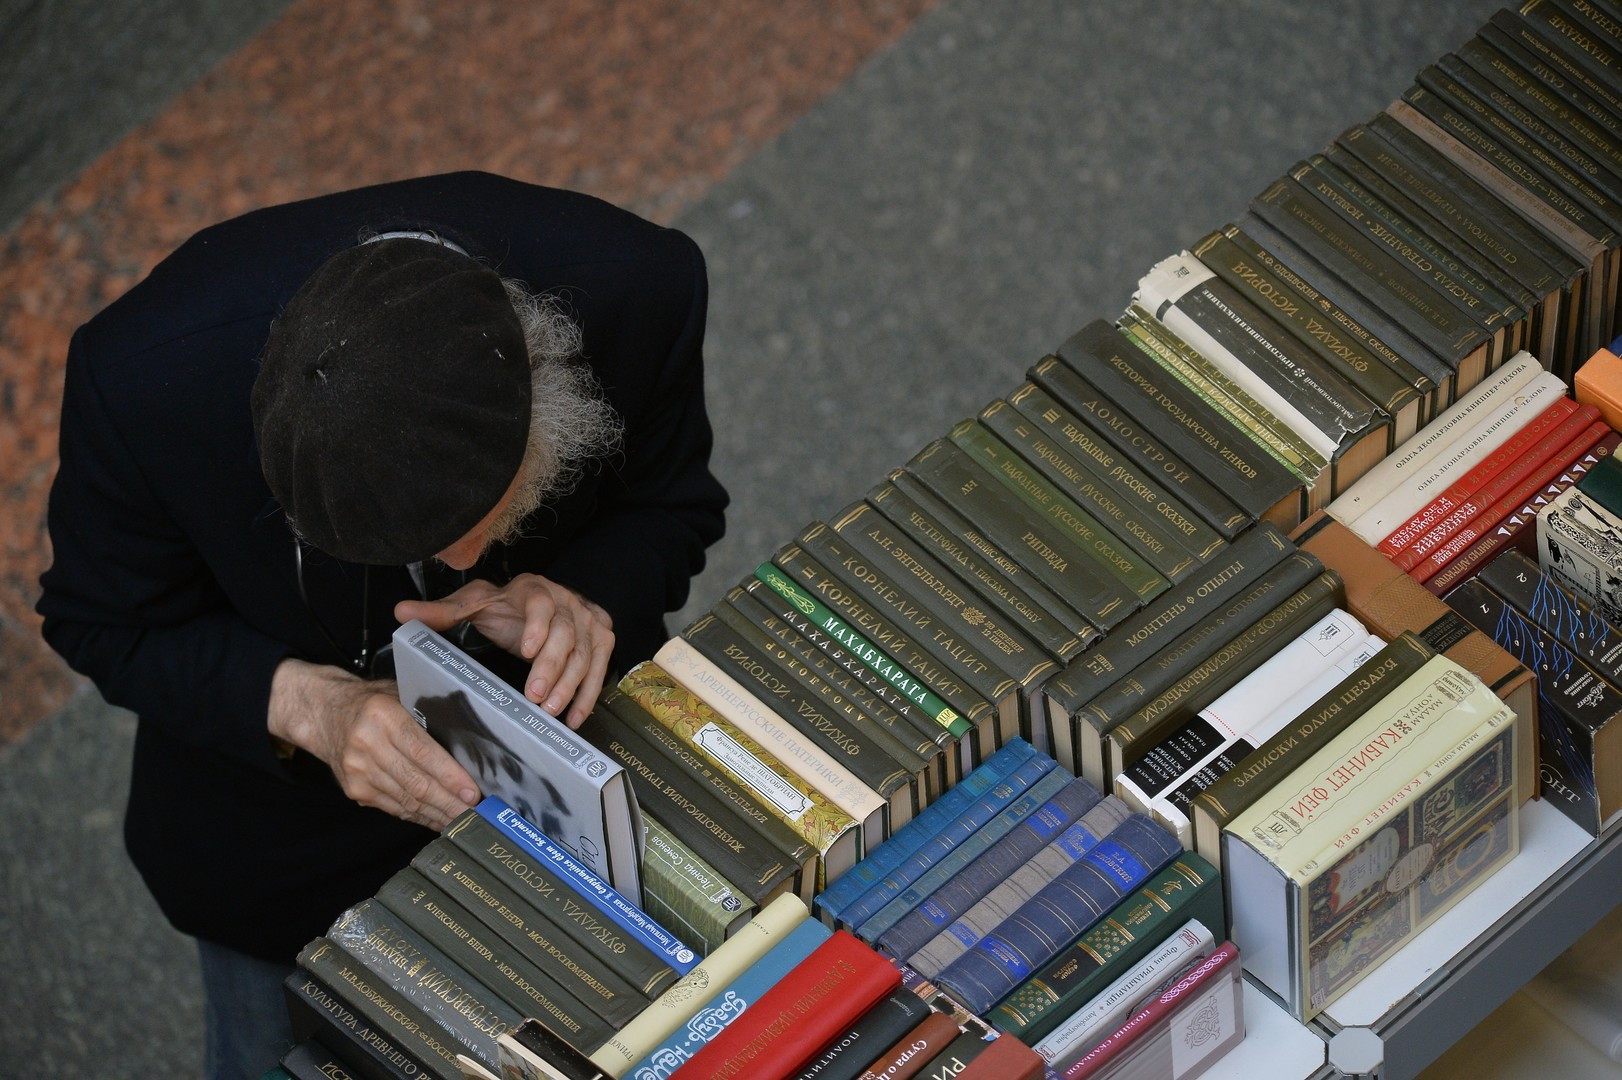 Не читал, но осуждаю: на Украине рассмотрят законопроект о запрете ввоза книг из России